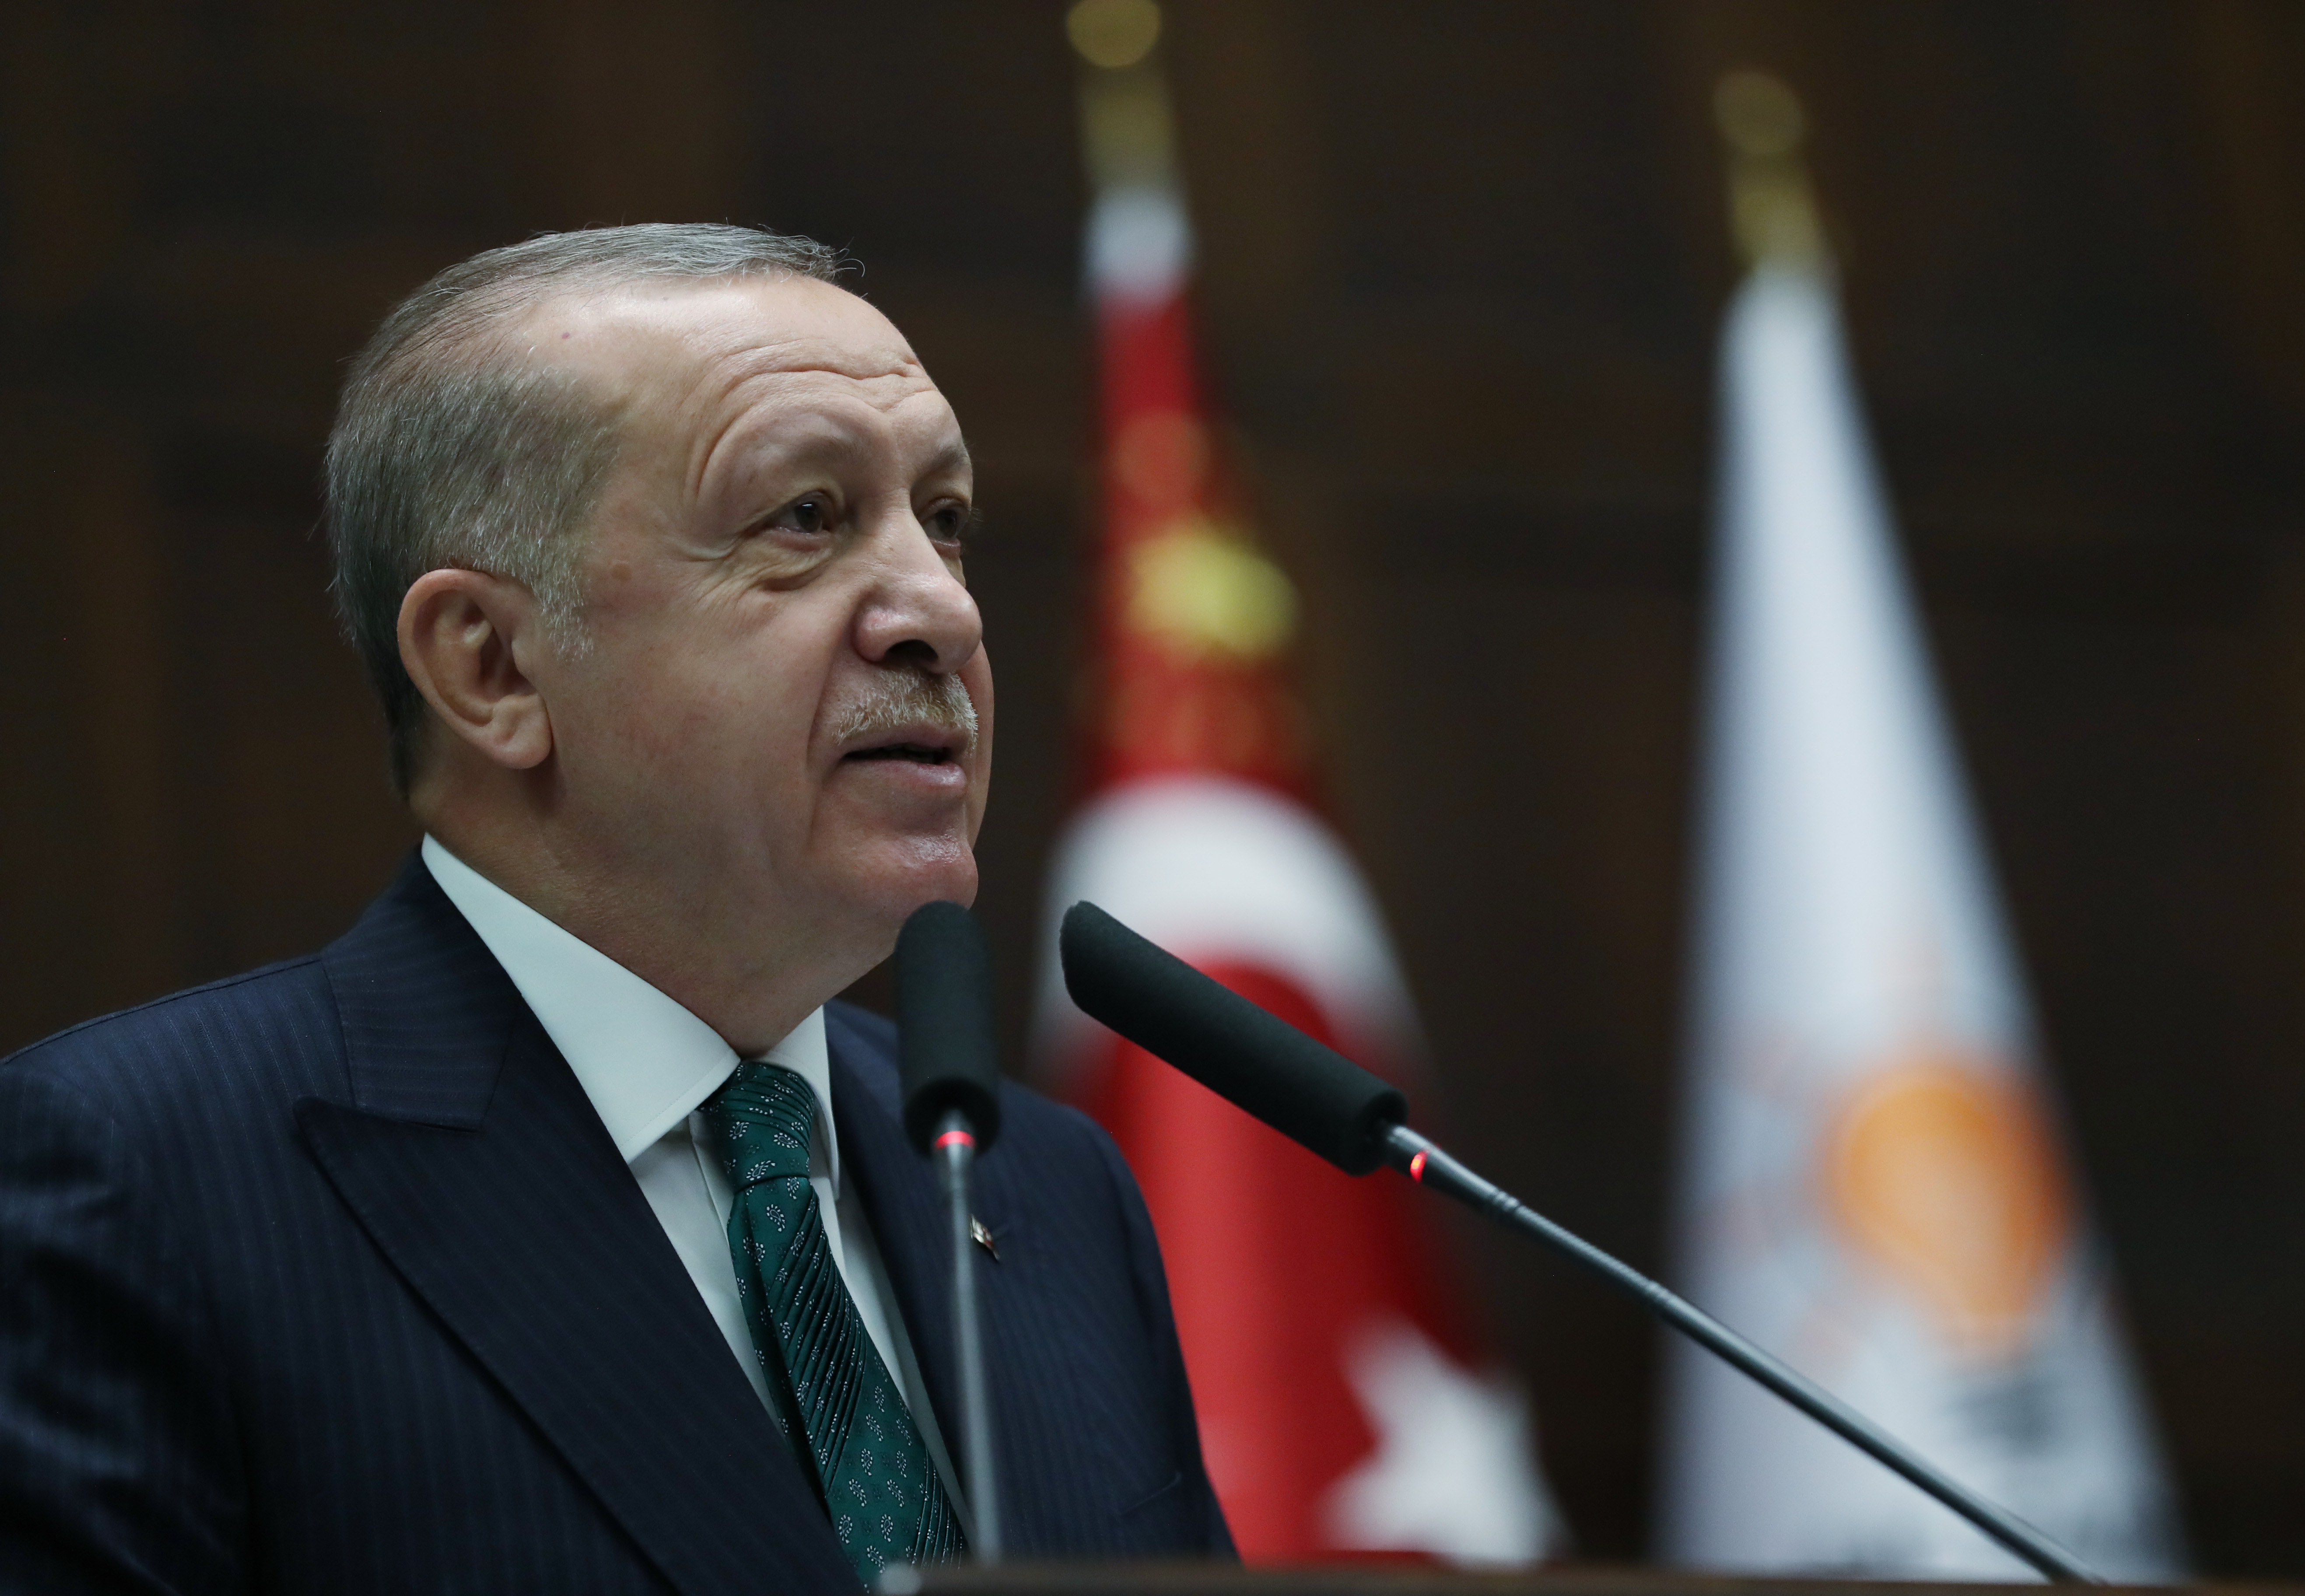 Başkan  Erdoğan: Turizmde potansiyelimiz çok büyük